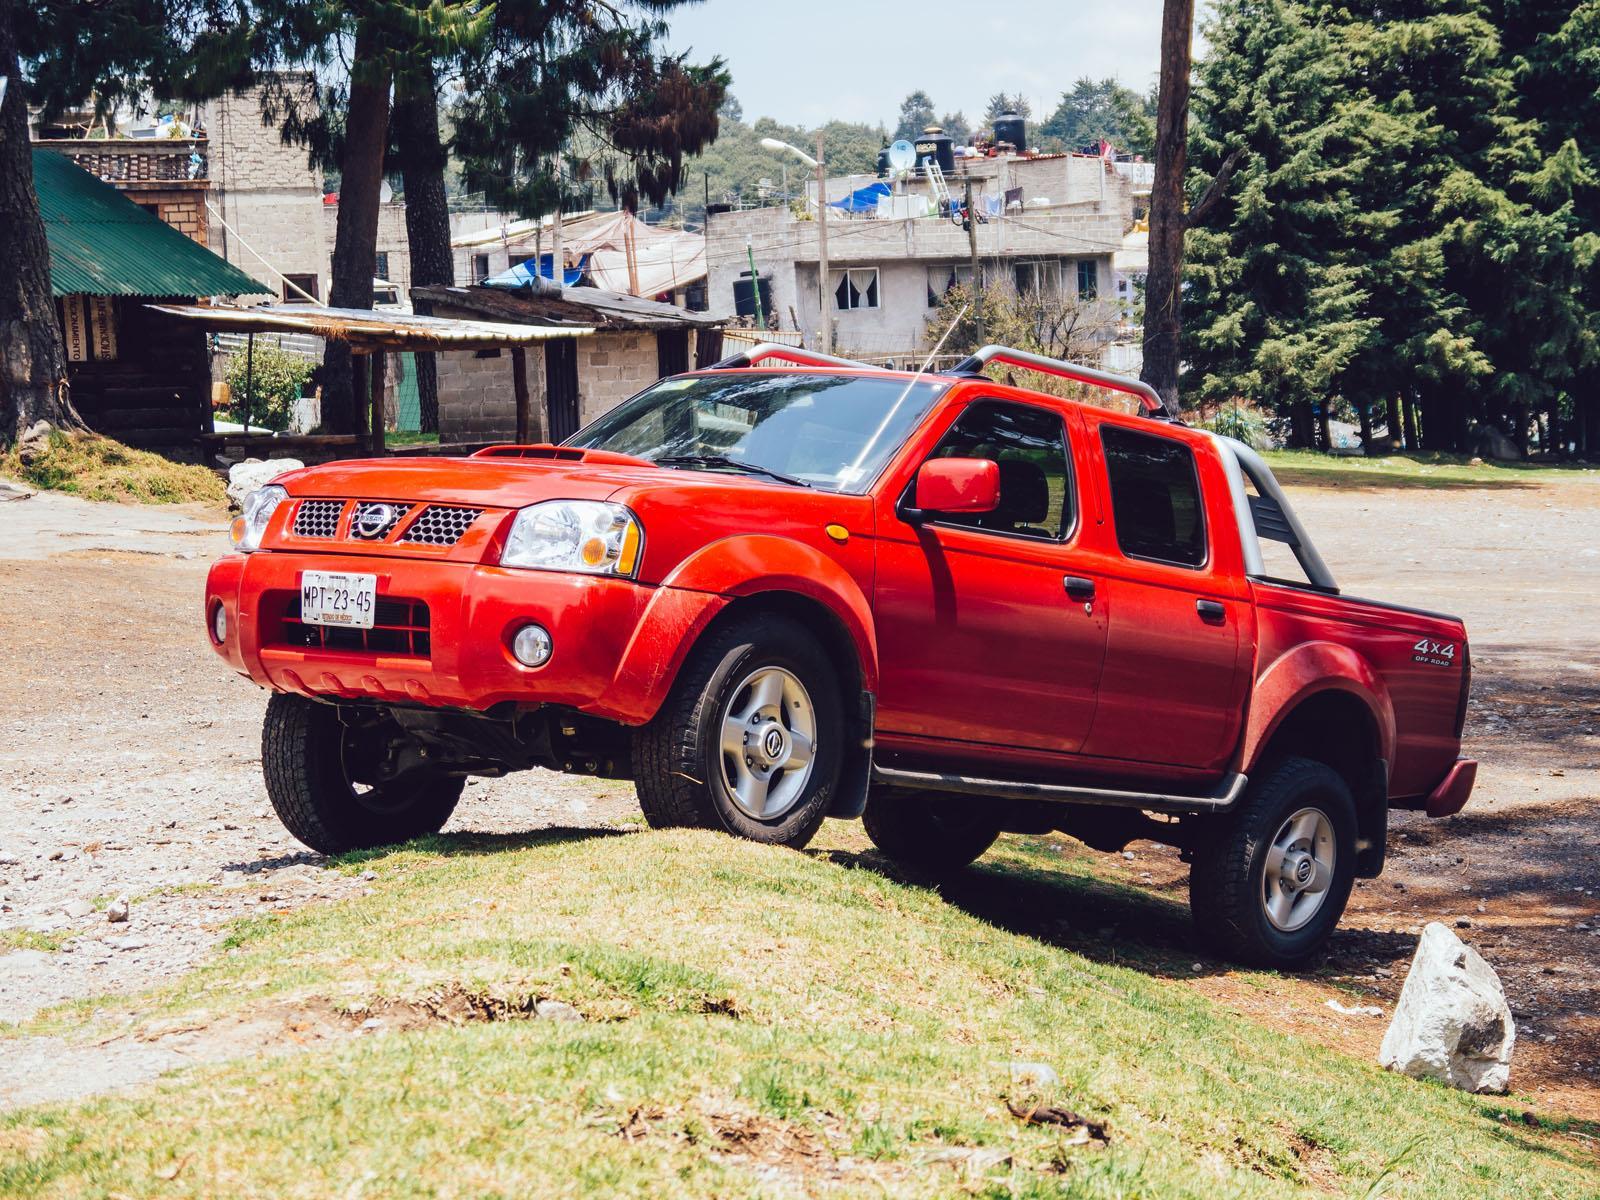 Nissan Frontier LE 4x4 2014 a prueba - Autocosmos.com